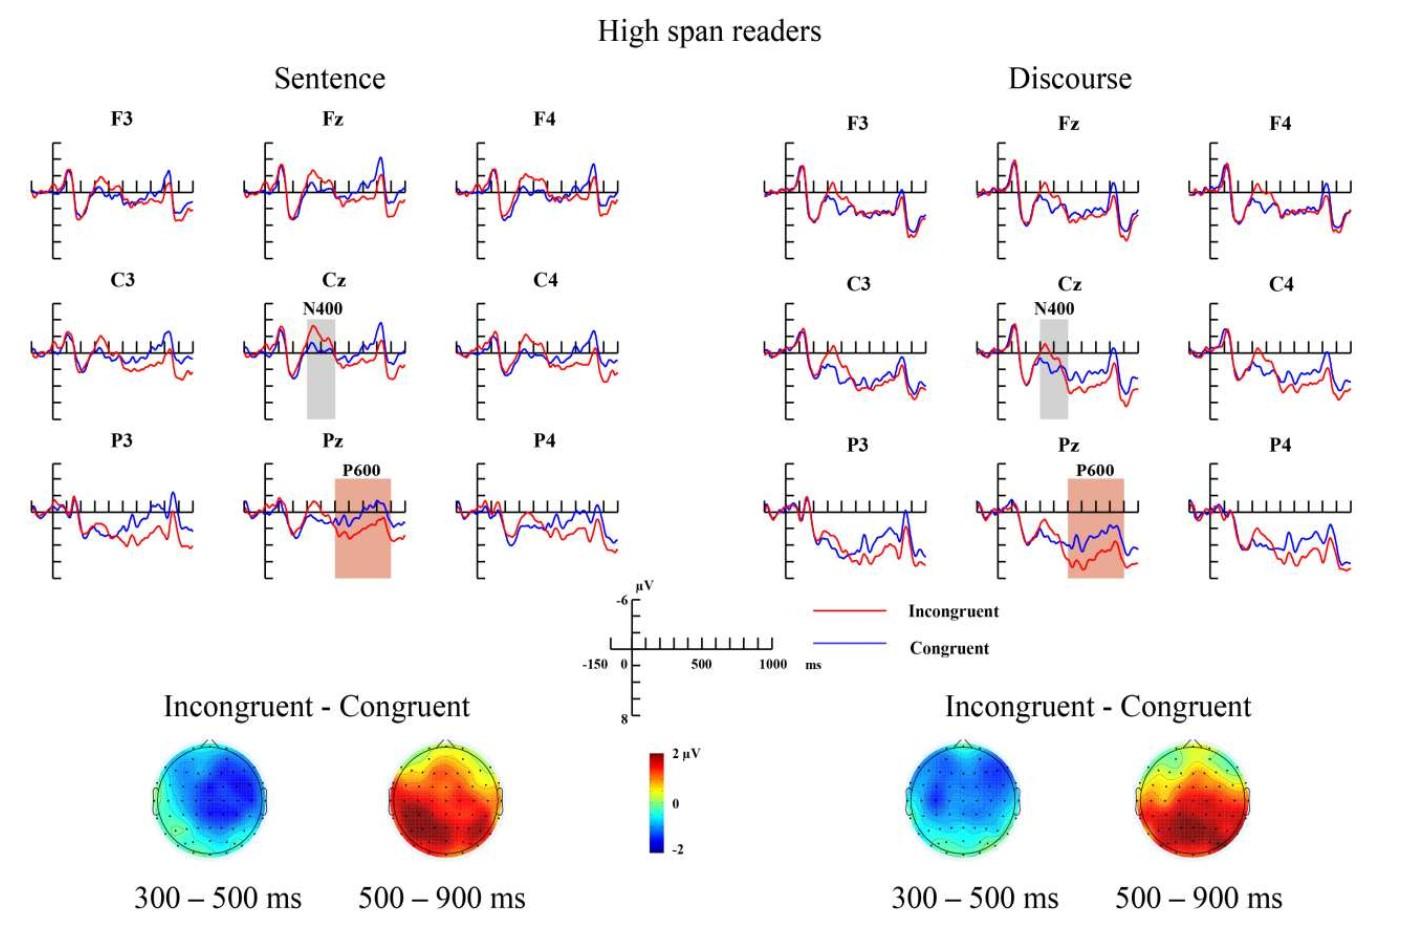 中国科学院心理研究所研究揭示句子和语篇水平的语义整合受工作记忆能力的调节(图)